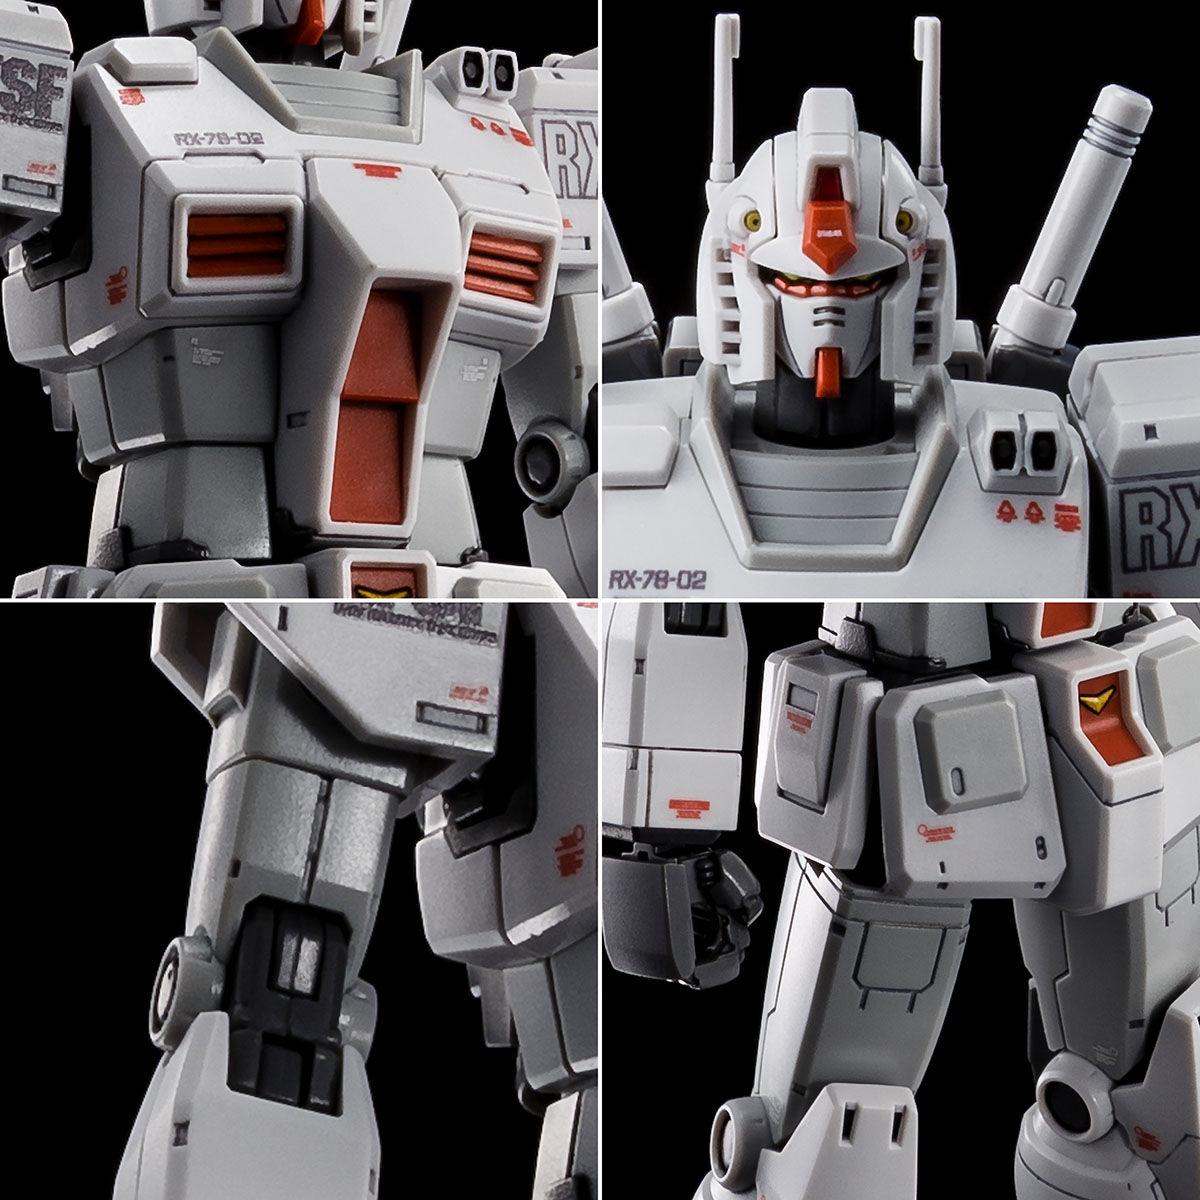 【限定販売】【2次】HG 1/144『RX-78-02 ガンダム ロールアウトカラー(GUNDAM THE ORIGIN版)』プラモデル-007